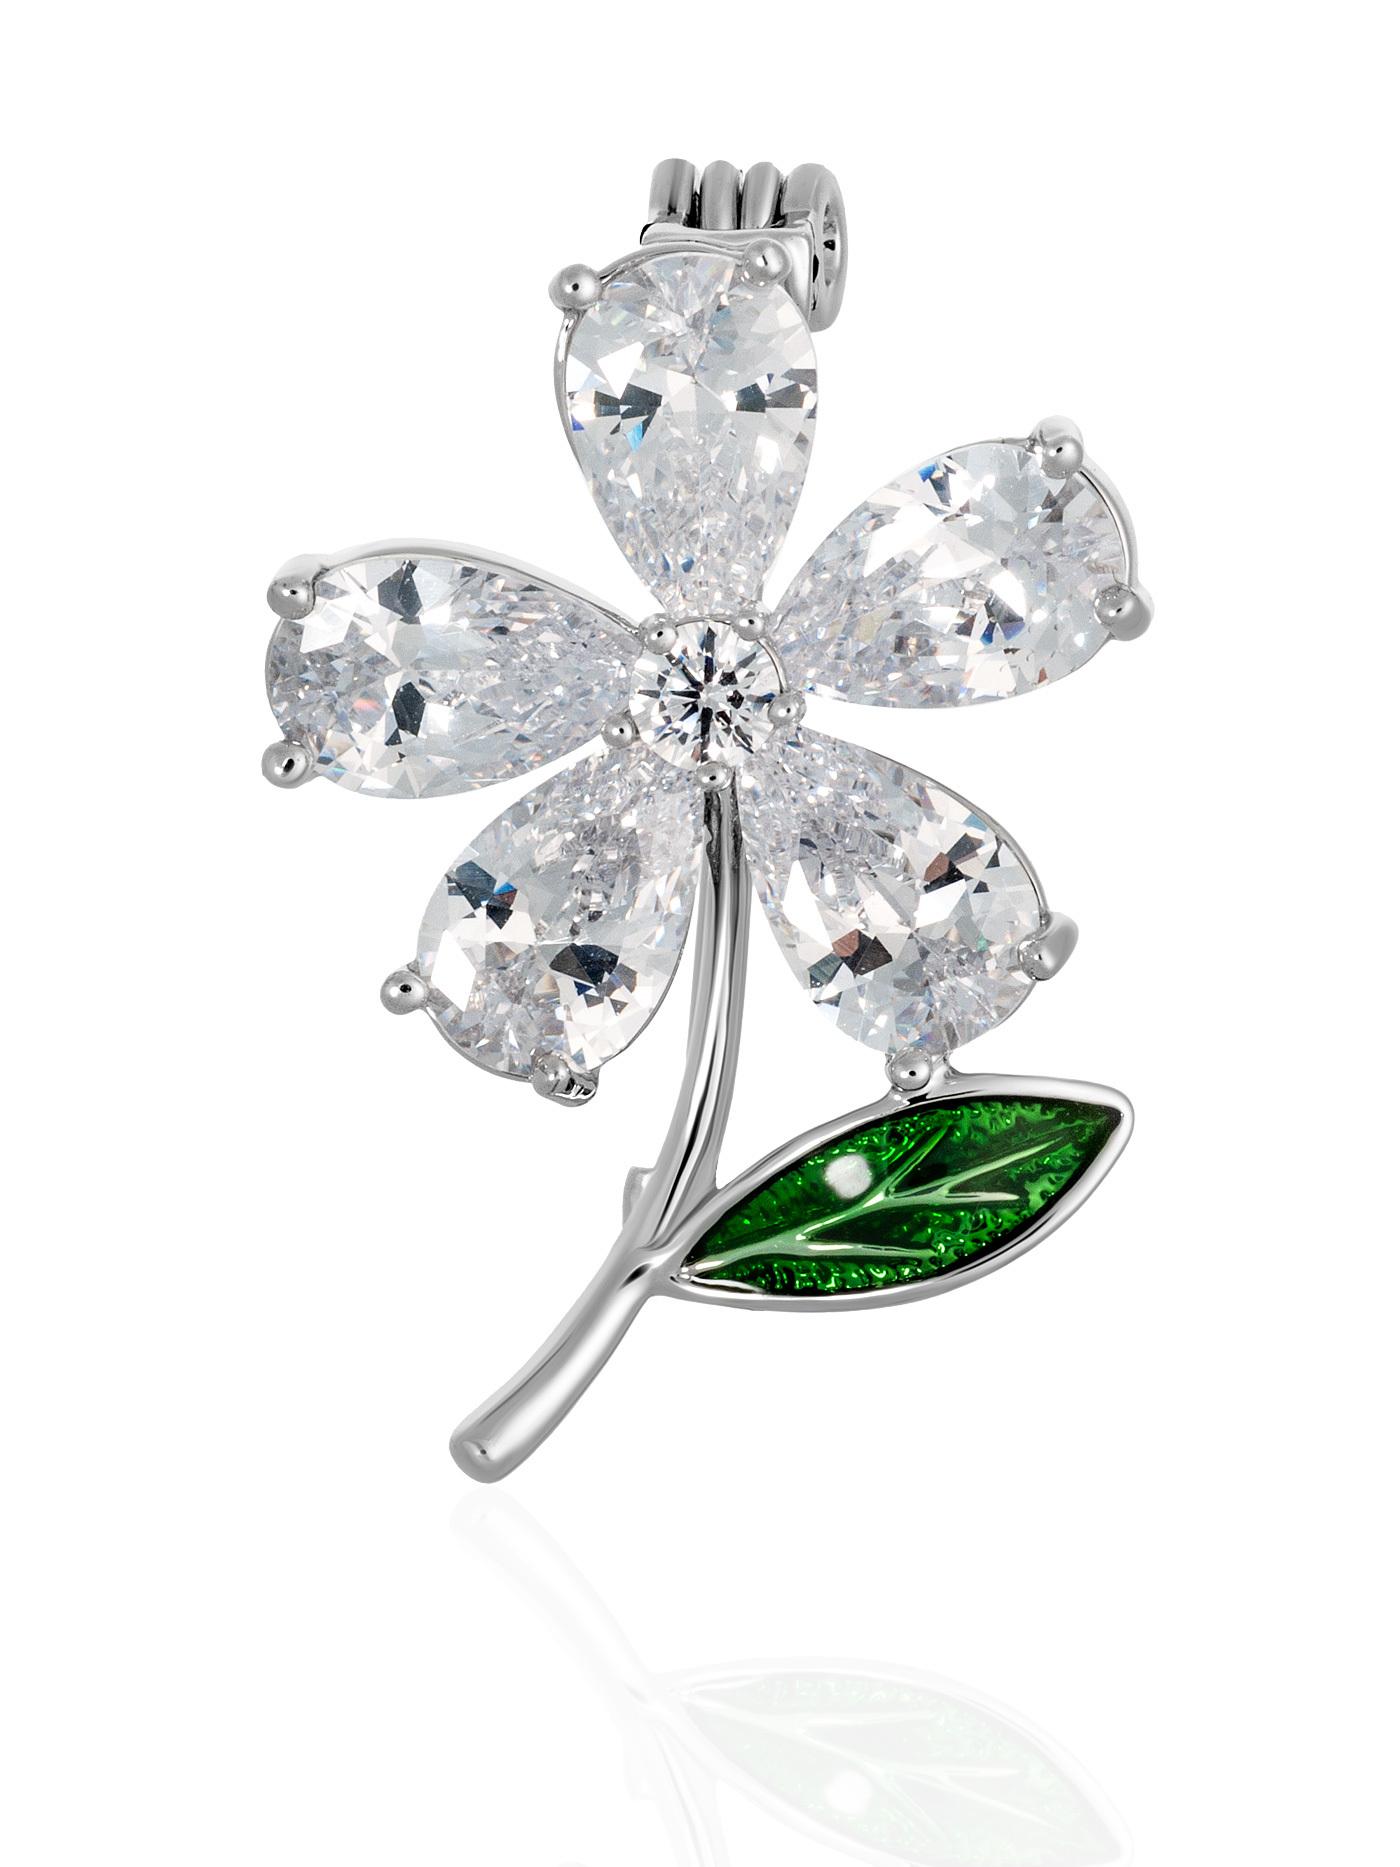 Мини-брошь Цветок с кристаллами, подарок девушке